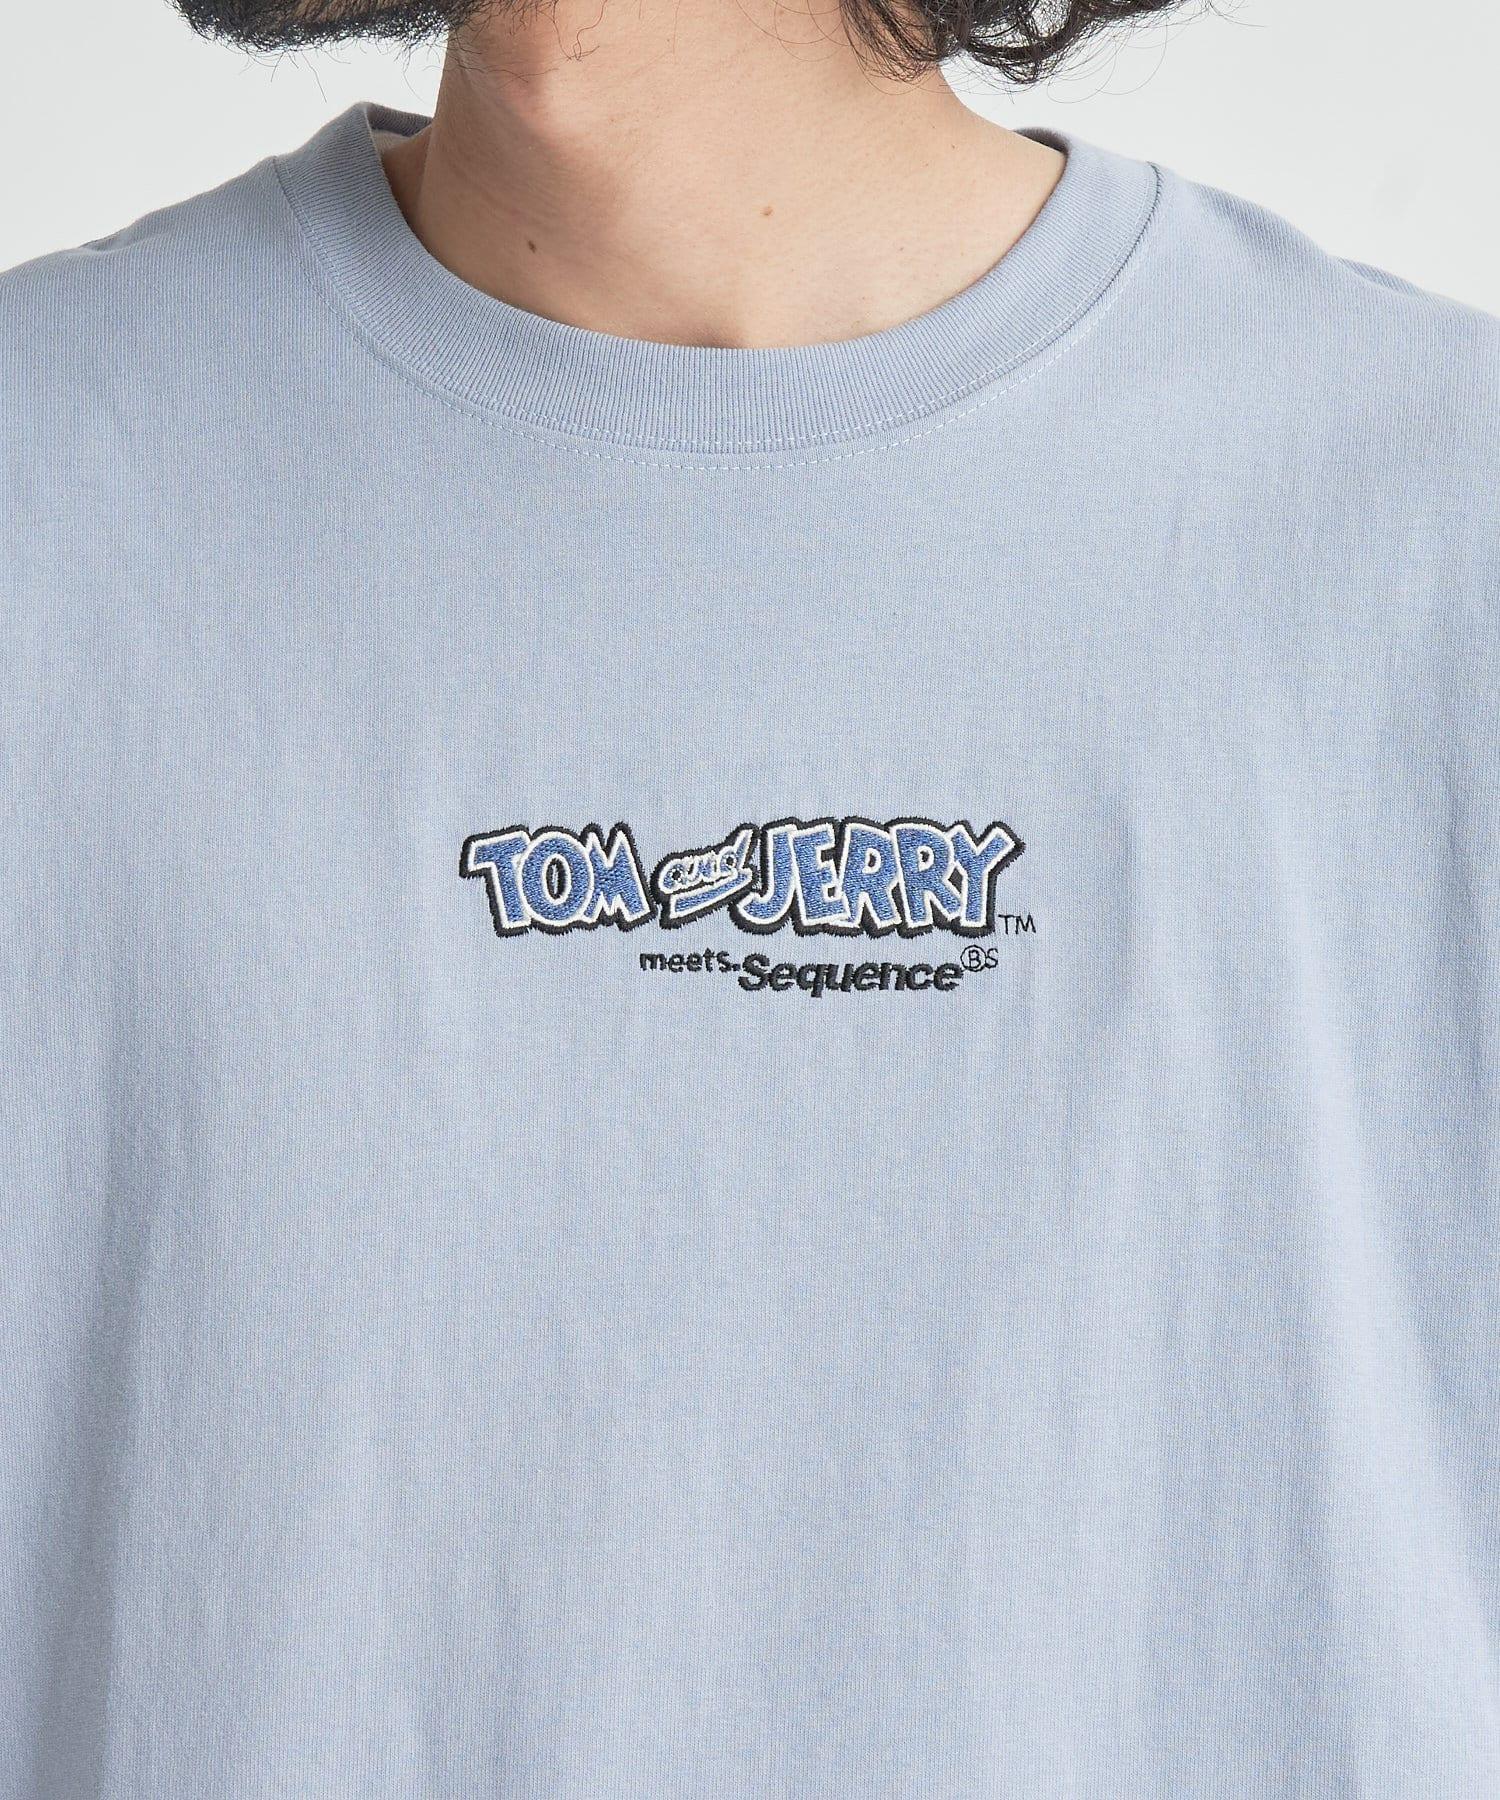 CPCM(シーピーシーエム) 【トムとジェリー】 FUNNY Tシャツ【オンラインストア限定商品】